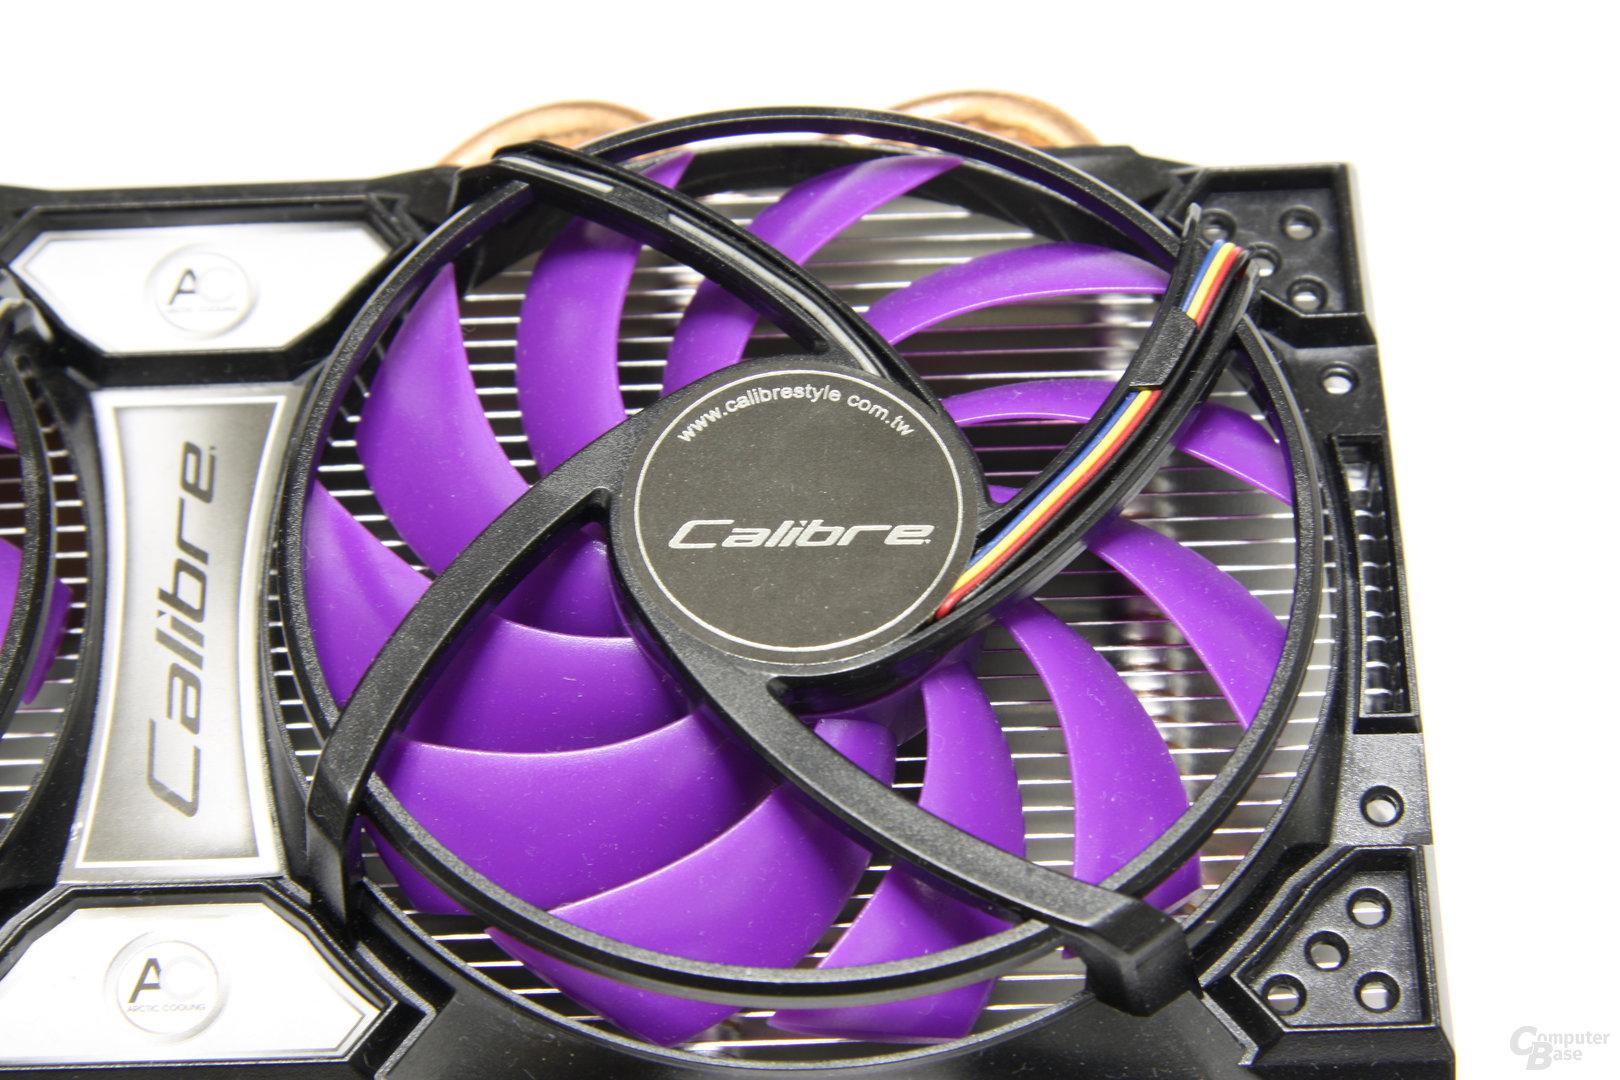 Calibre GTX 460 Lüfter